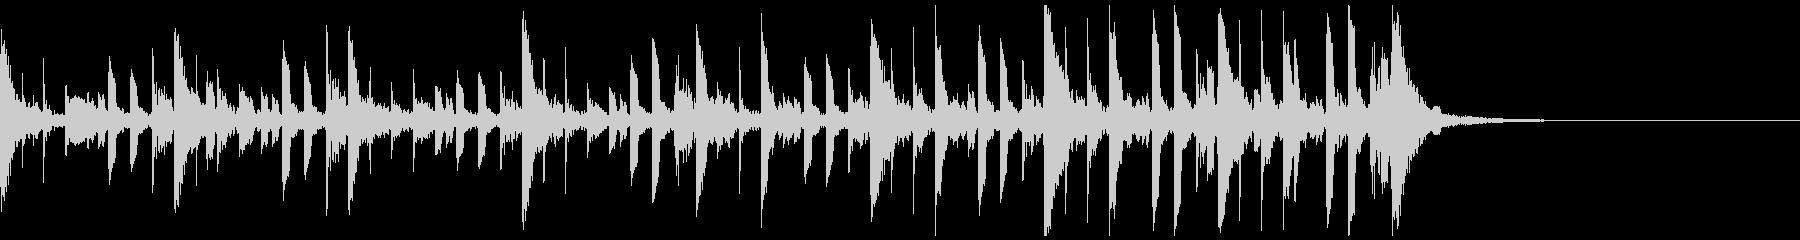 民族系打楽器による単調なトラック v2の未再生の波形